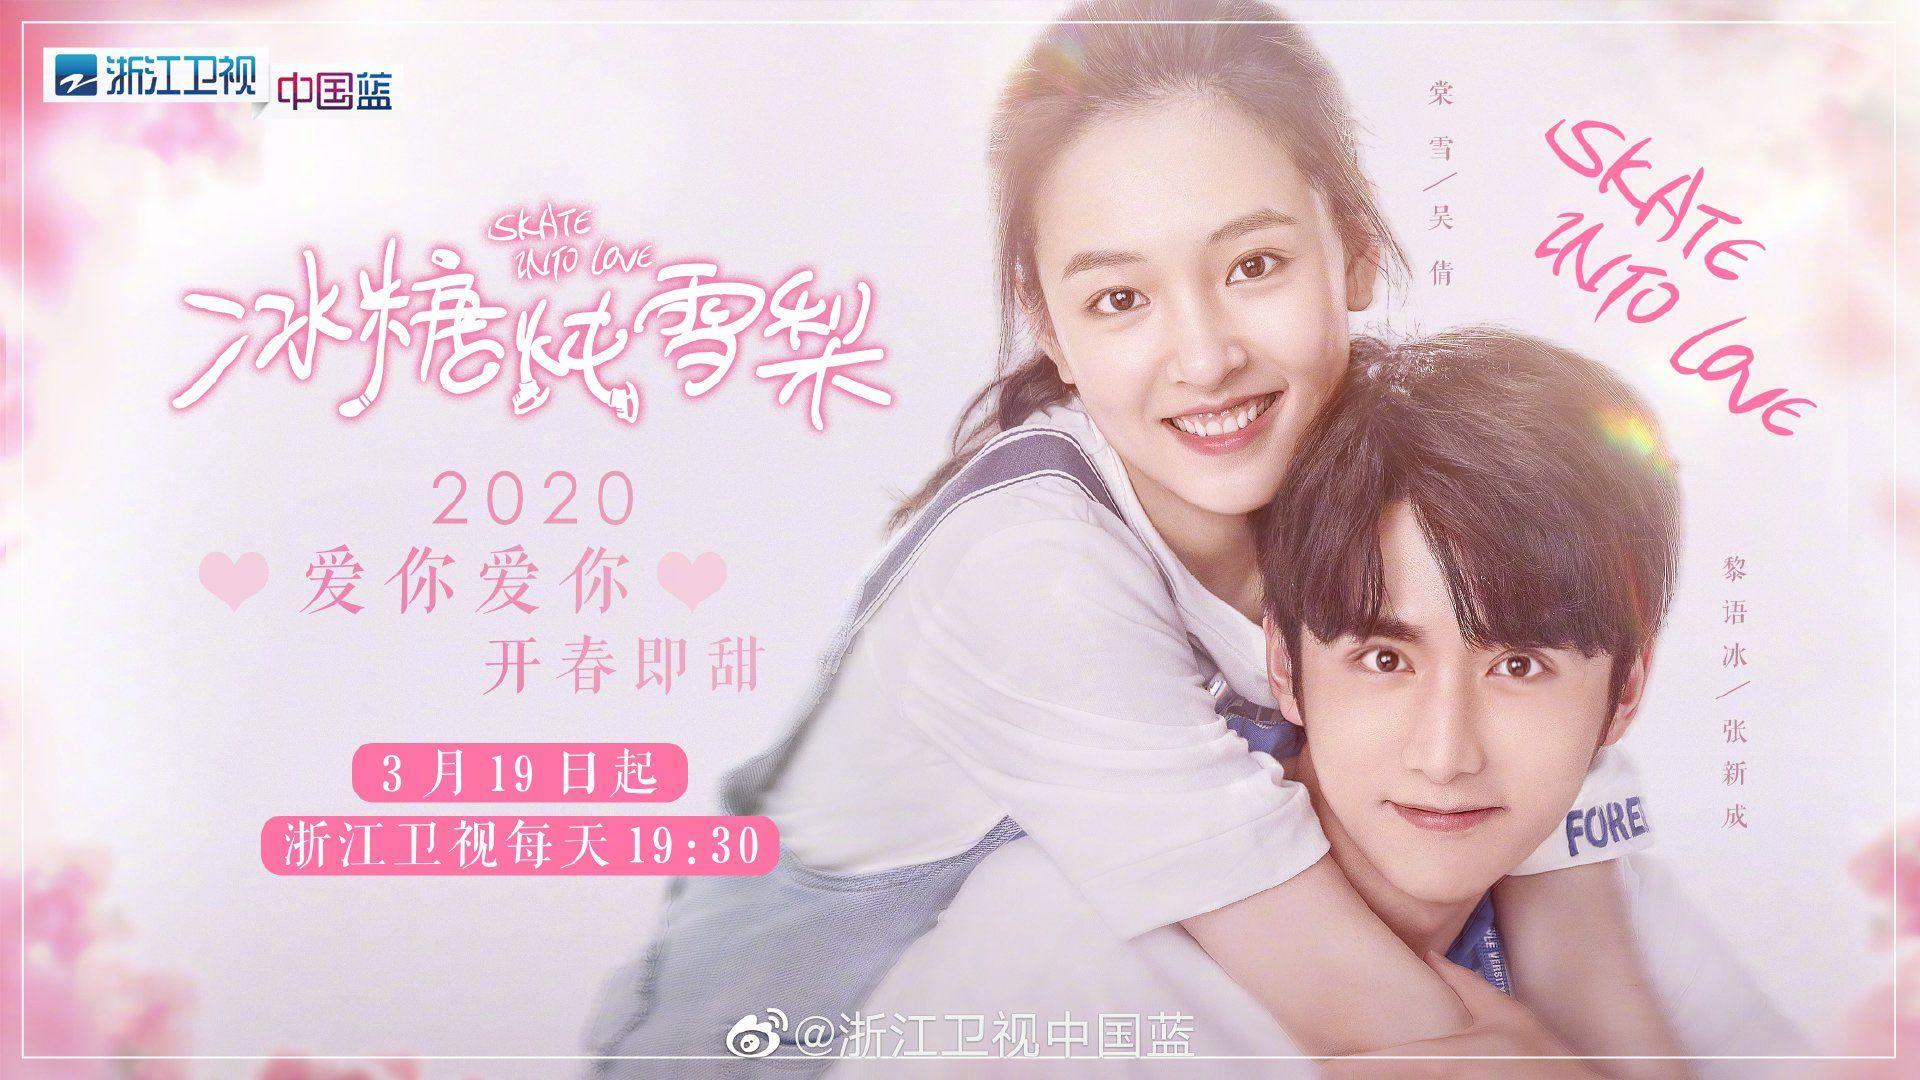 Phim ngôn tình Trung Quốc hay - lê Hấp Đường Phèn - Skate Into Love